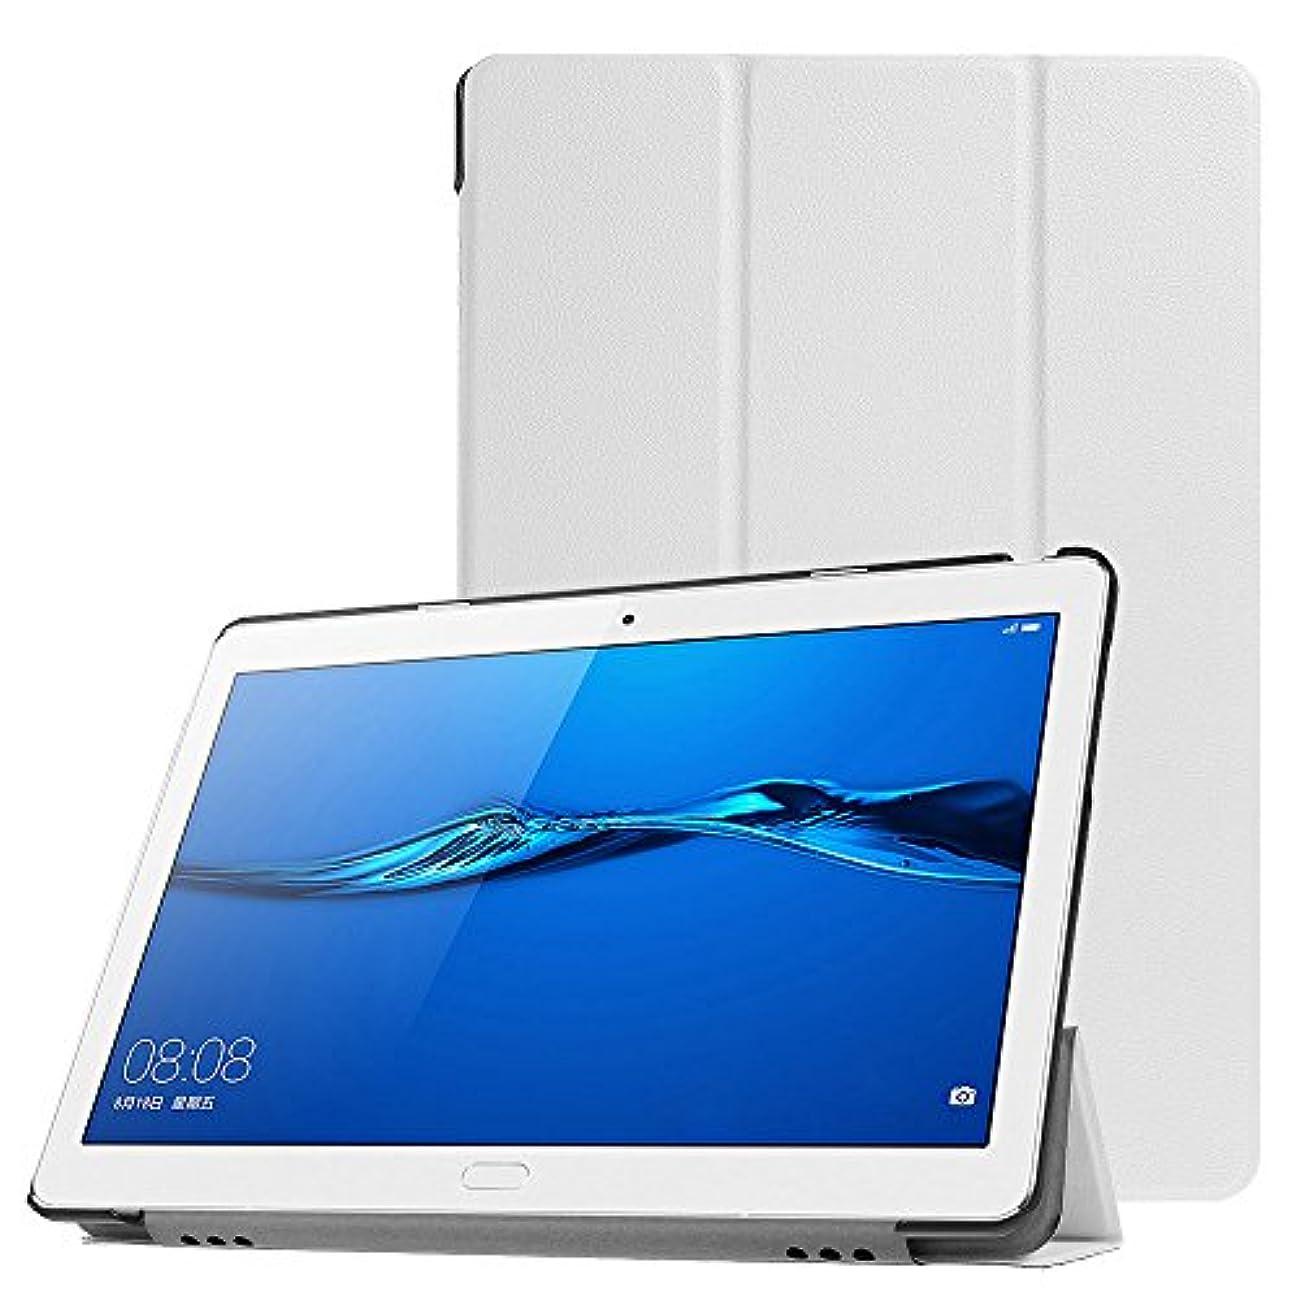 しばしば簿記係賛美歌Huawei MediaPad M3 Lite 10 wp ケース TopACE docomo dtab d-01K 三つ折 マグレット開閉式 スマートケース スタンド機能付き 高級PU レザーケース Huawei 10.1インチ MediaPad M3 Lite 10 wp タブレット対応 (ホワイト)